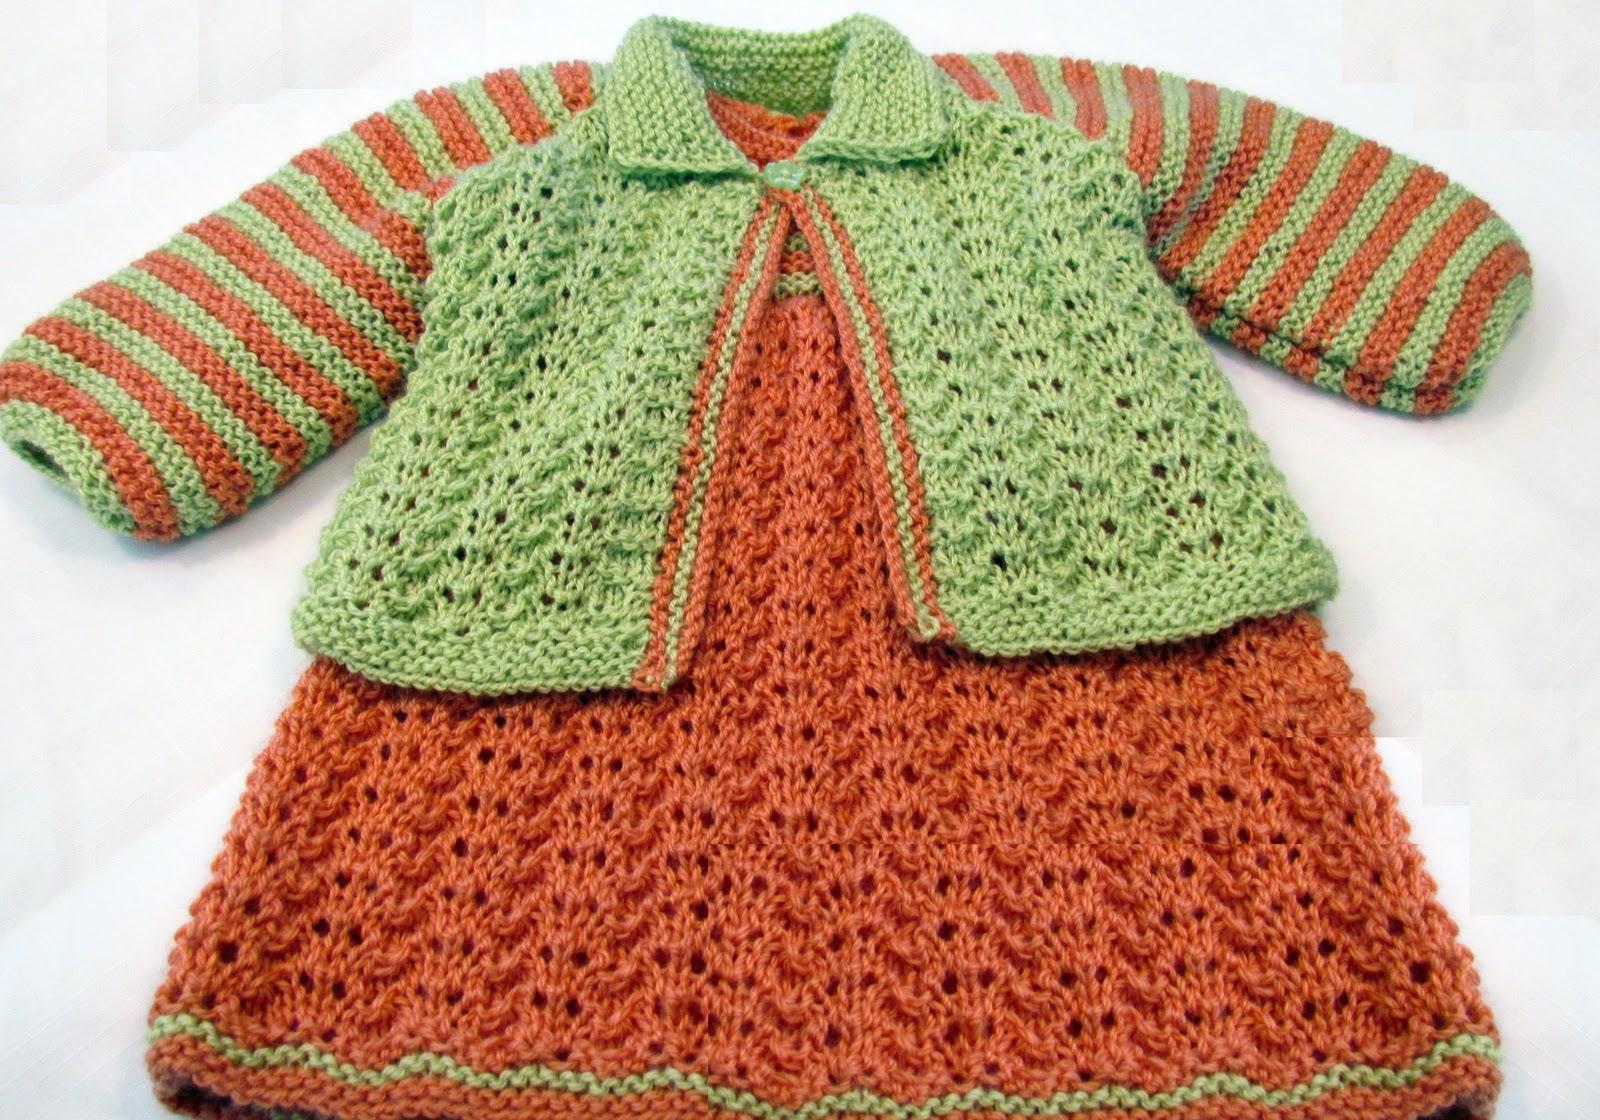 http://1.bp.blogspot.com/_i-FANGtrZCk/TUCx6TQpjvI/AAAAAAAAAQI/Jf0jc6ERDxs/s1600/dress+set.jpg